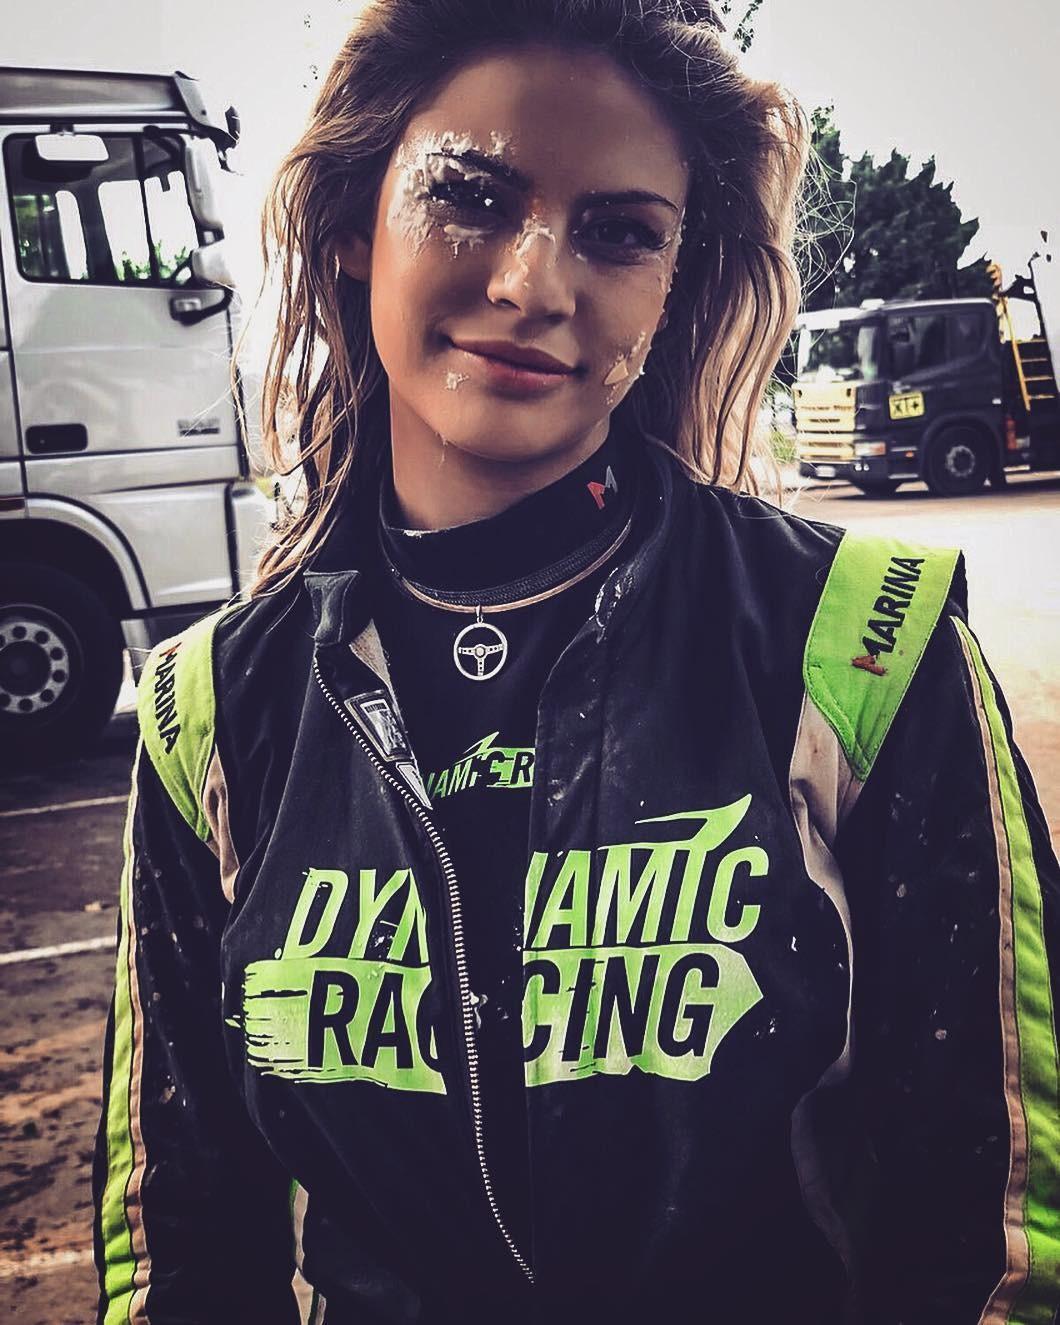 Ngắm nhìn vẻ đẹp thể thao khỏe khoắn của nữ tay đua Christine Giampaoli Zonca - 14